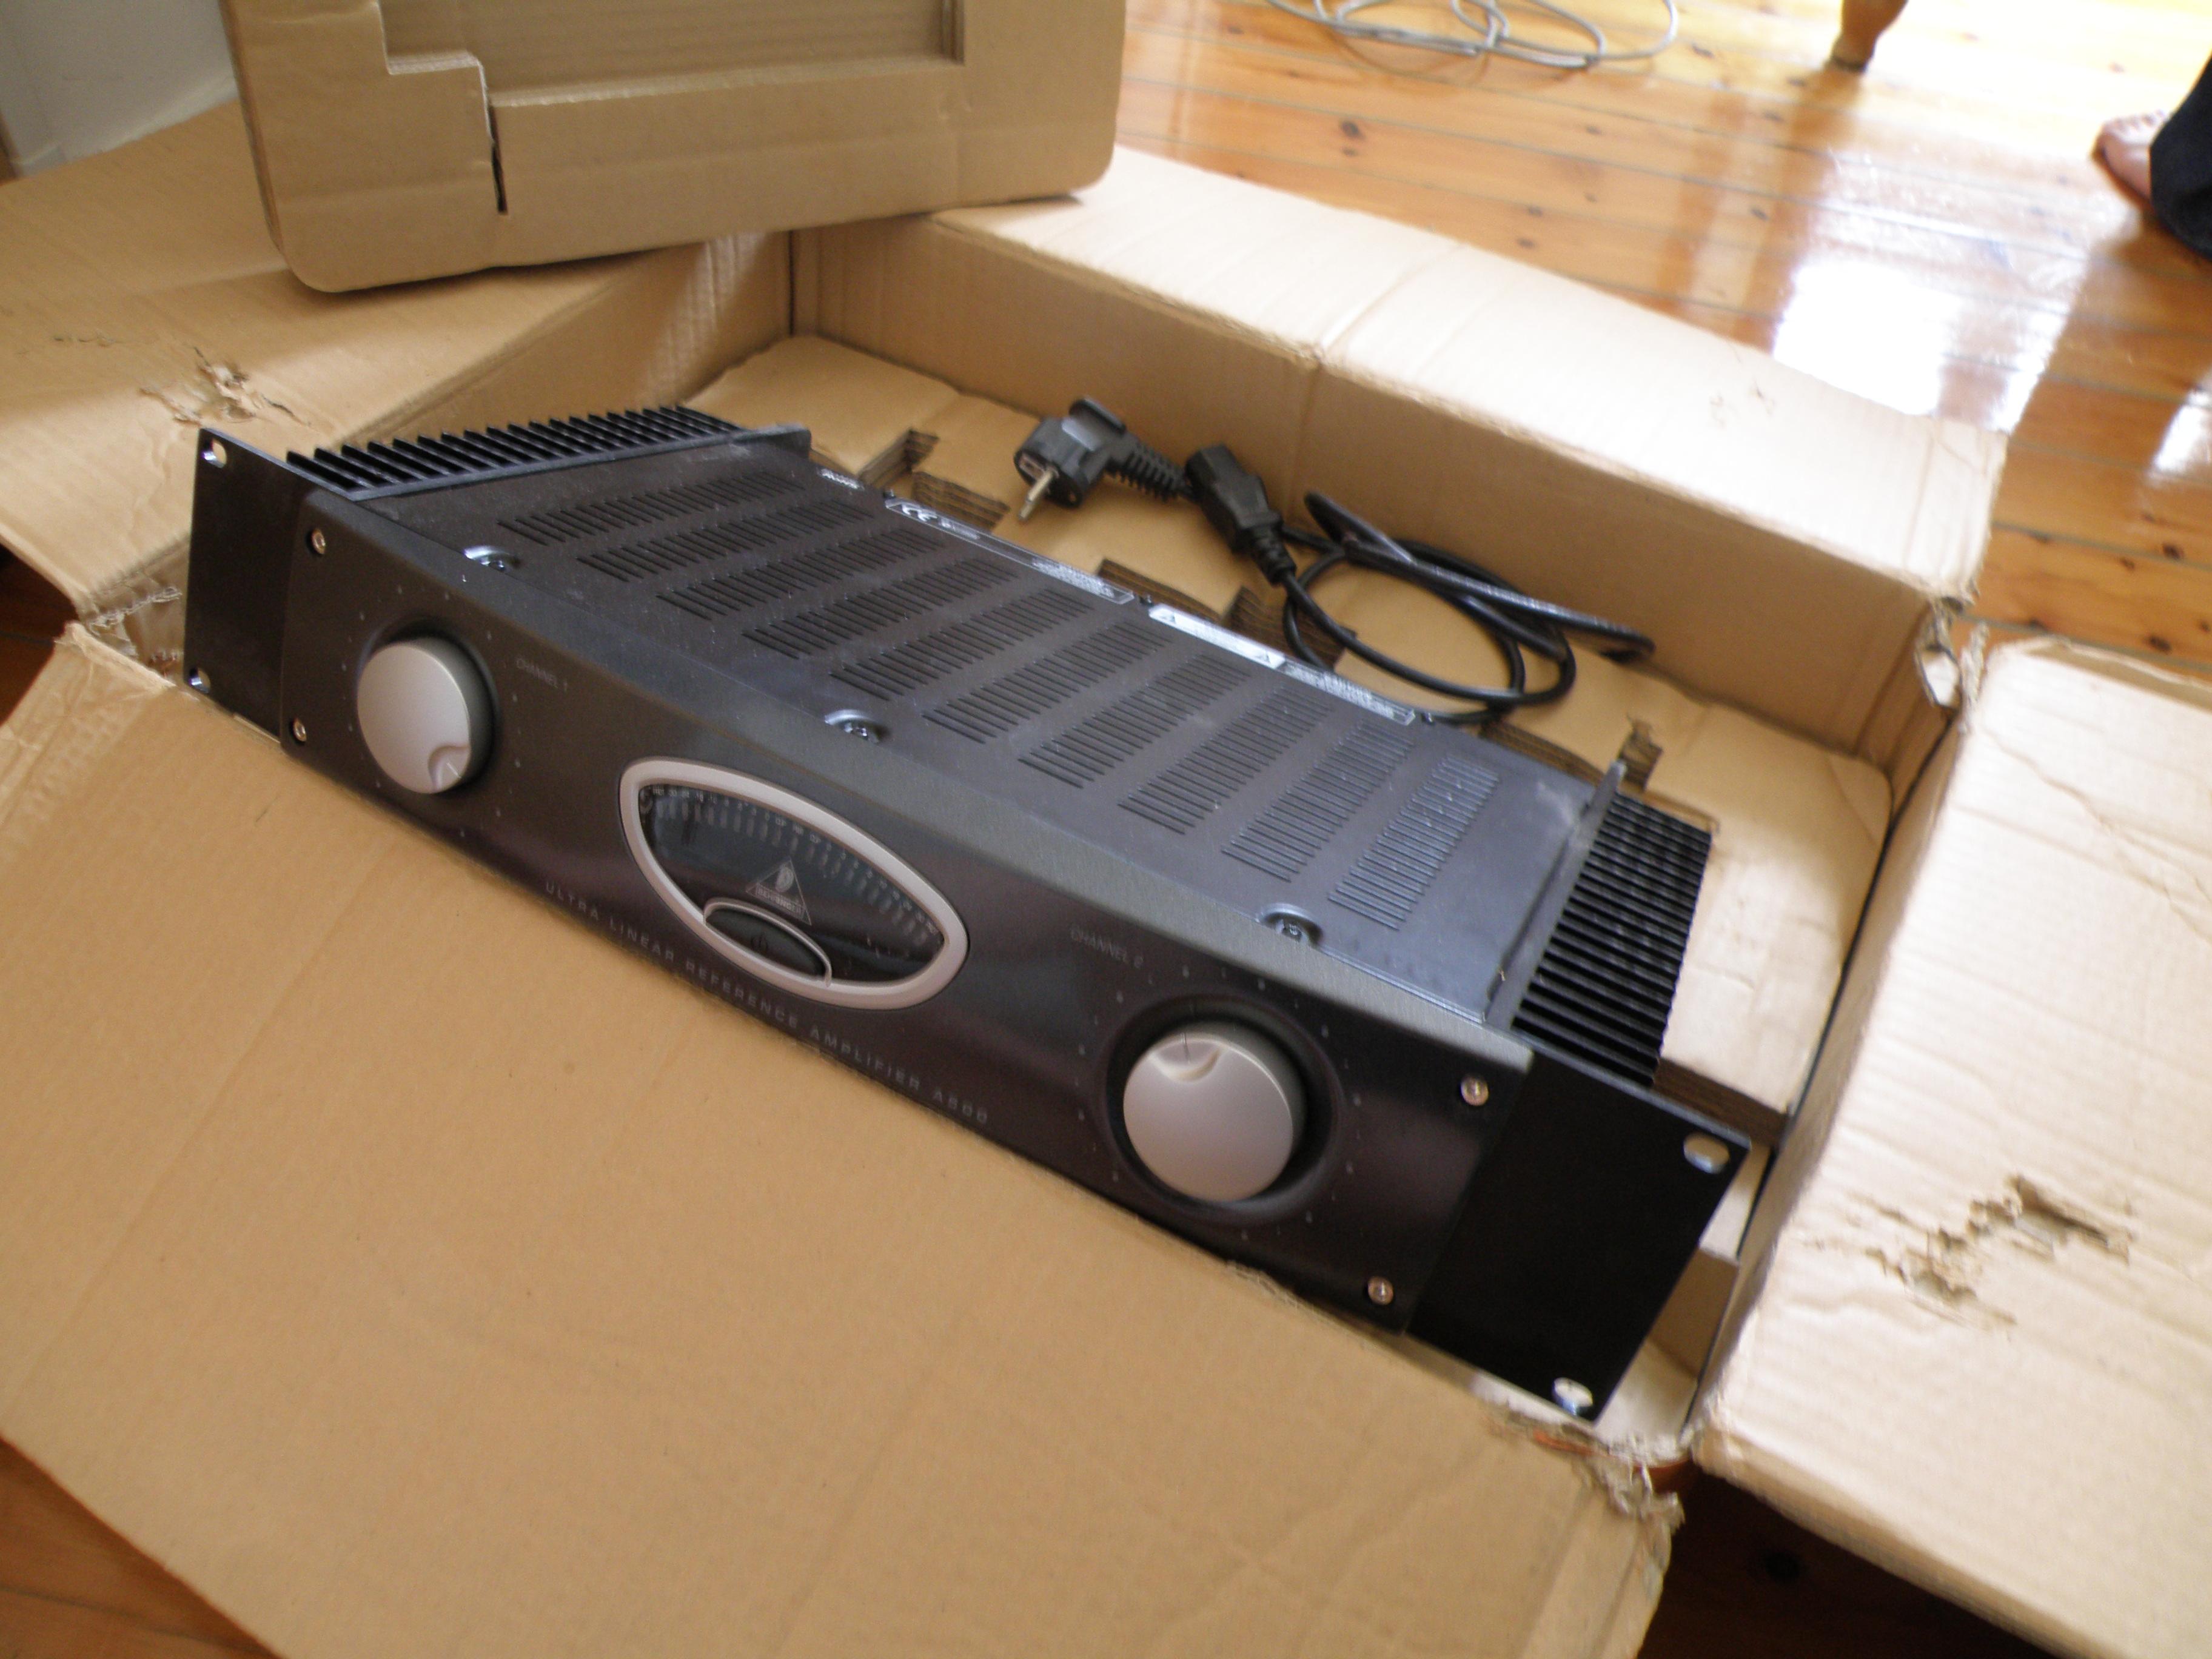 behringer reference amplifier a500 image 245697 audiofanzine. Black Bedroom Furniture Sets. Home Design Ideas